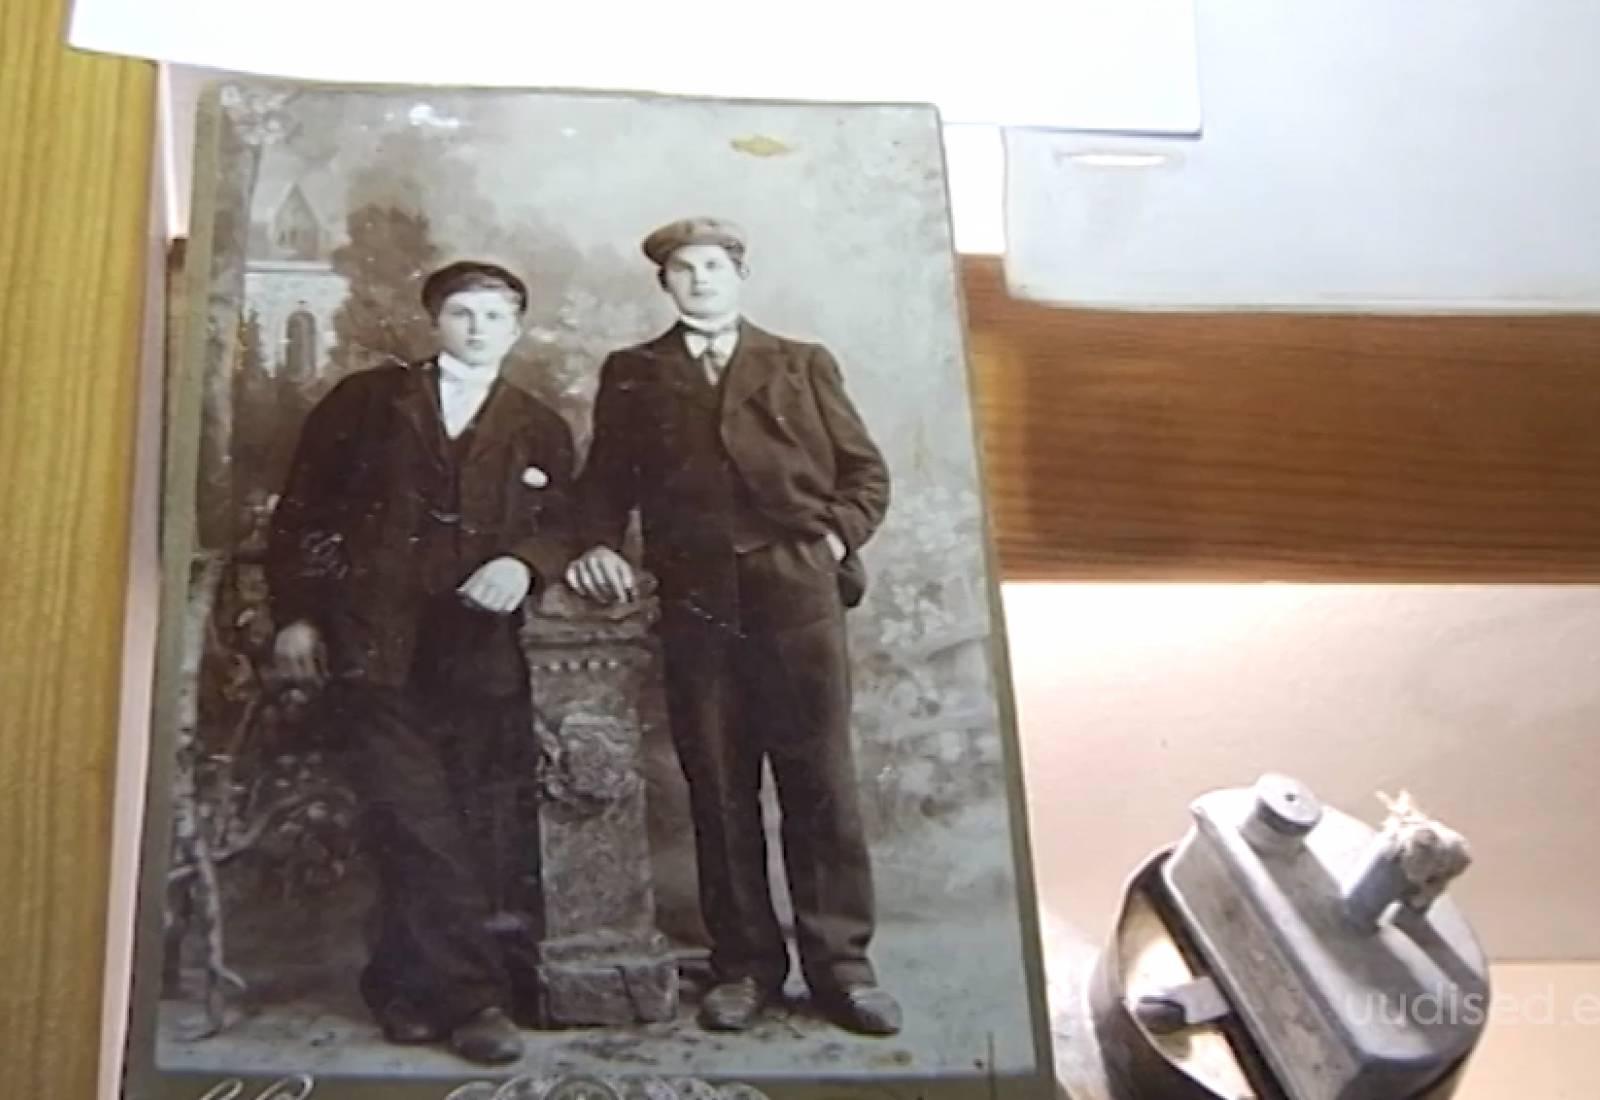 VIDEO! Kas mäletad, kuidas vanasti fotograafi juures käidi?